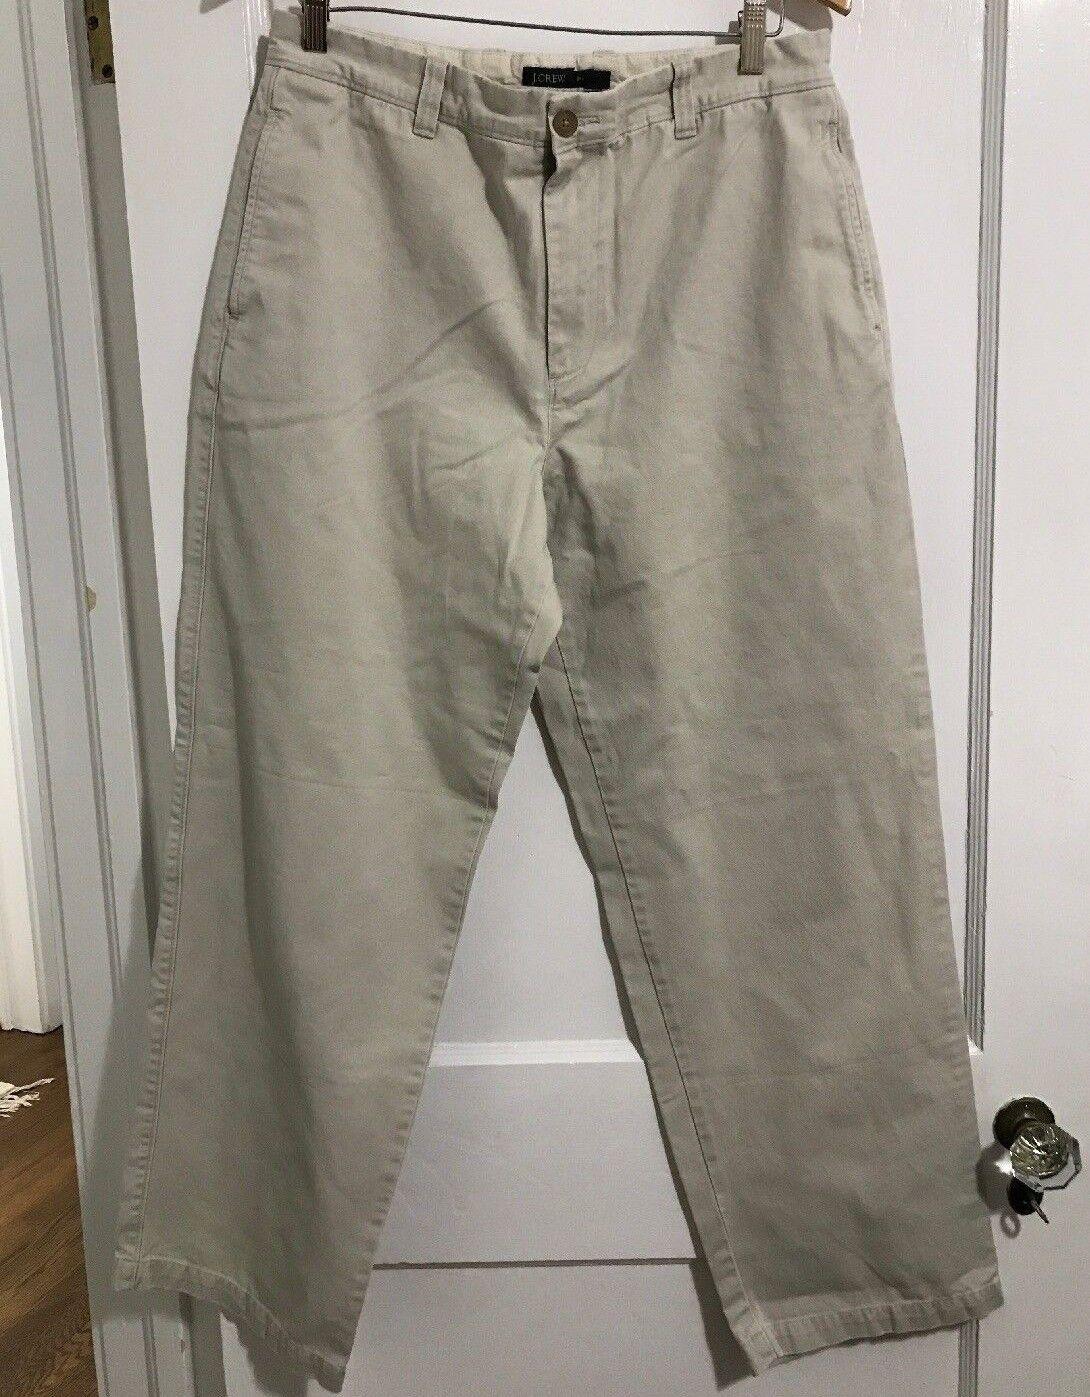 J.Crew Mens 34x32 Classic Khakis Pants 100% Cotton Vintage Flat Front Preppy